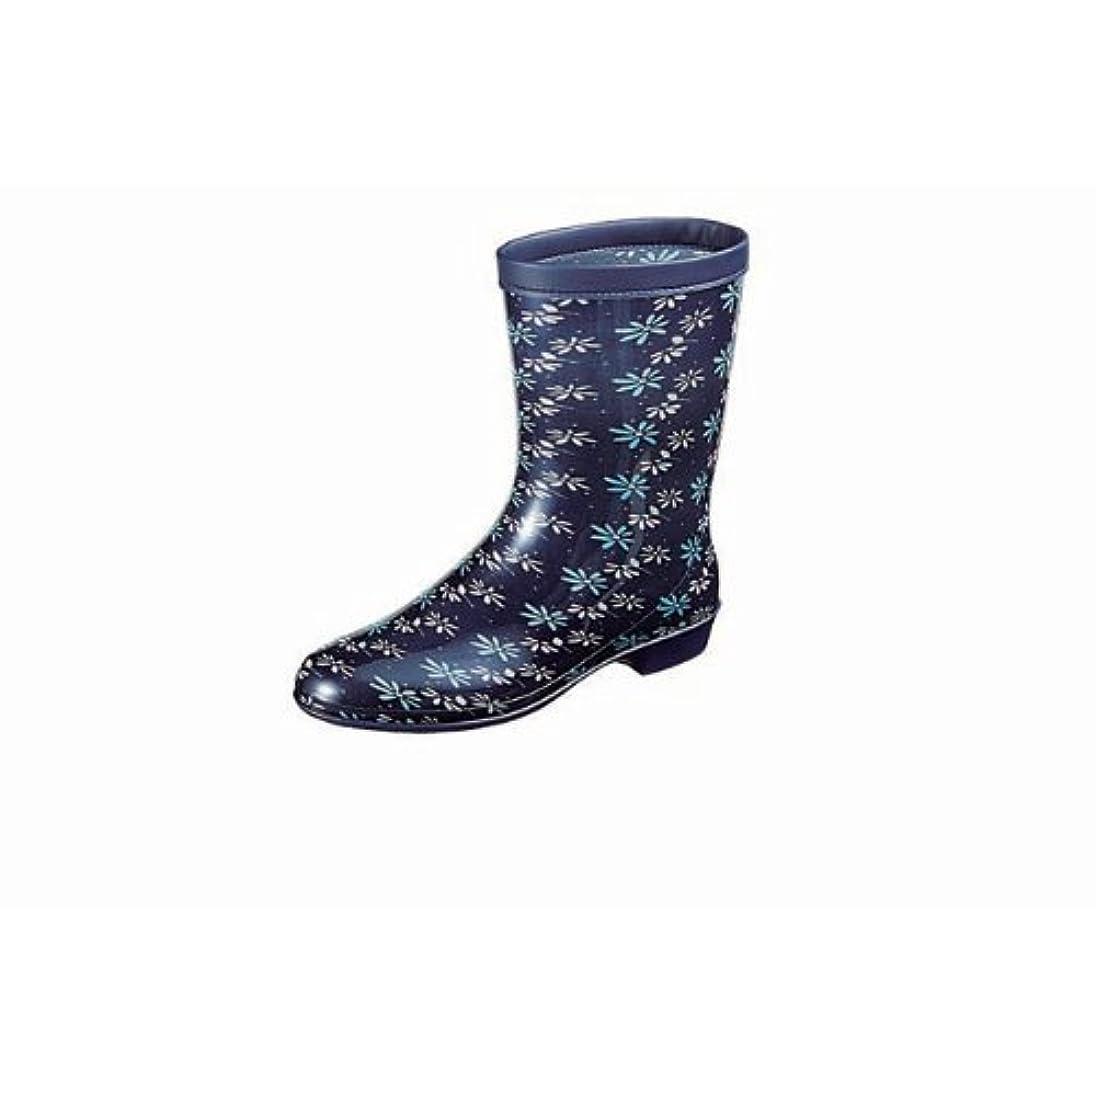 リハーサル特権怖いMoonStar (ムーンスター) レディース(女性用) ブーツ (長靴) LAVALIER (ラベリア) 09 【ネービー】 25.0cm